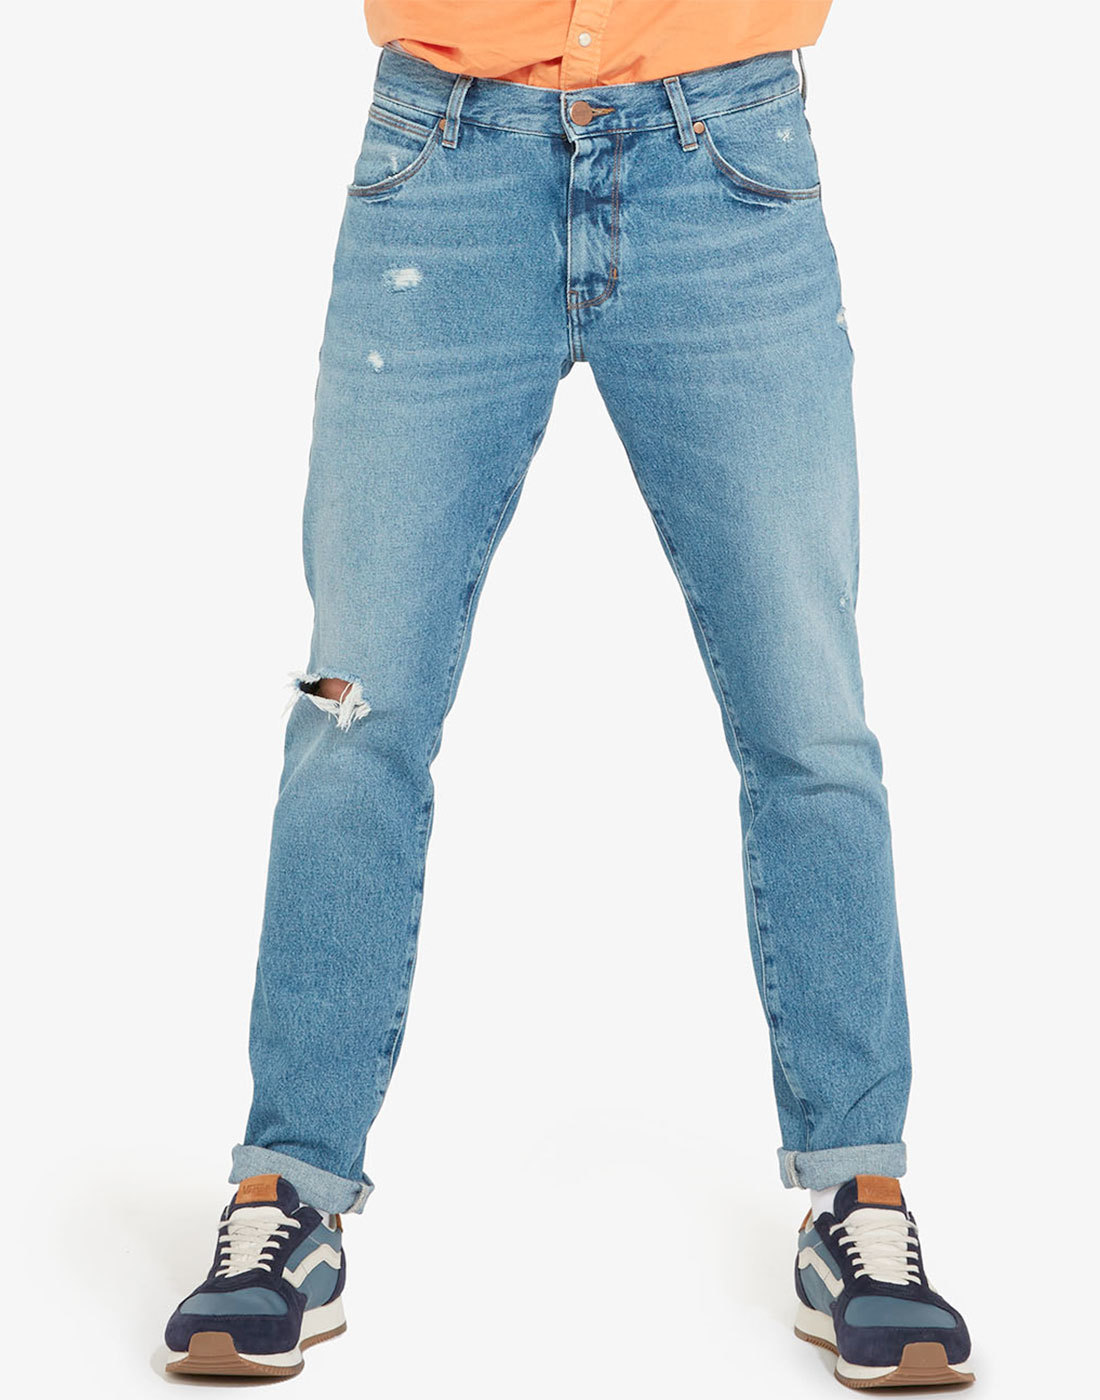 Larston WRANGLER Retro 80s Ripped Jeans in Pepper